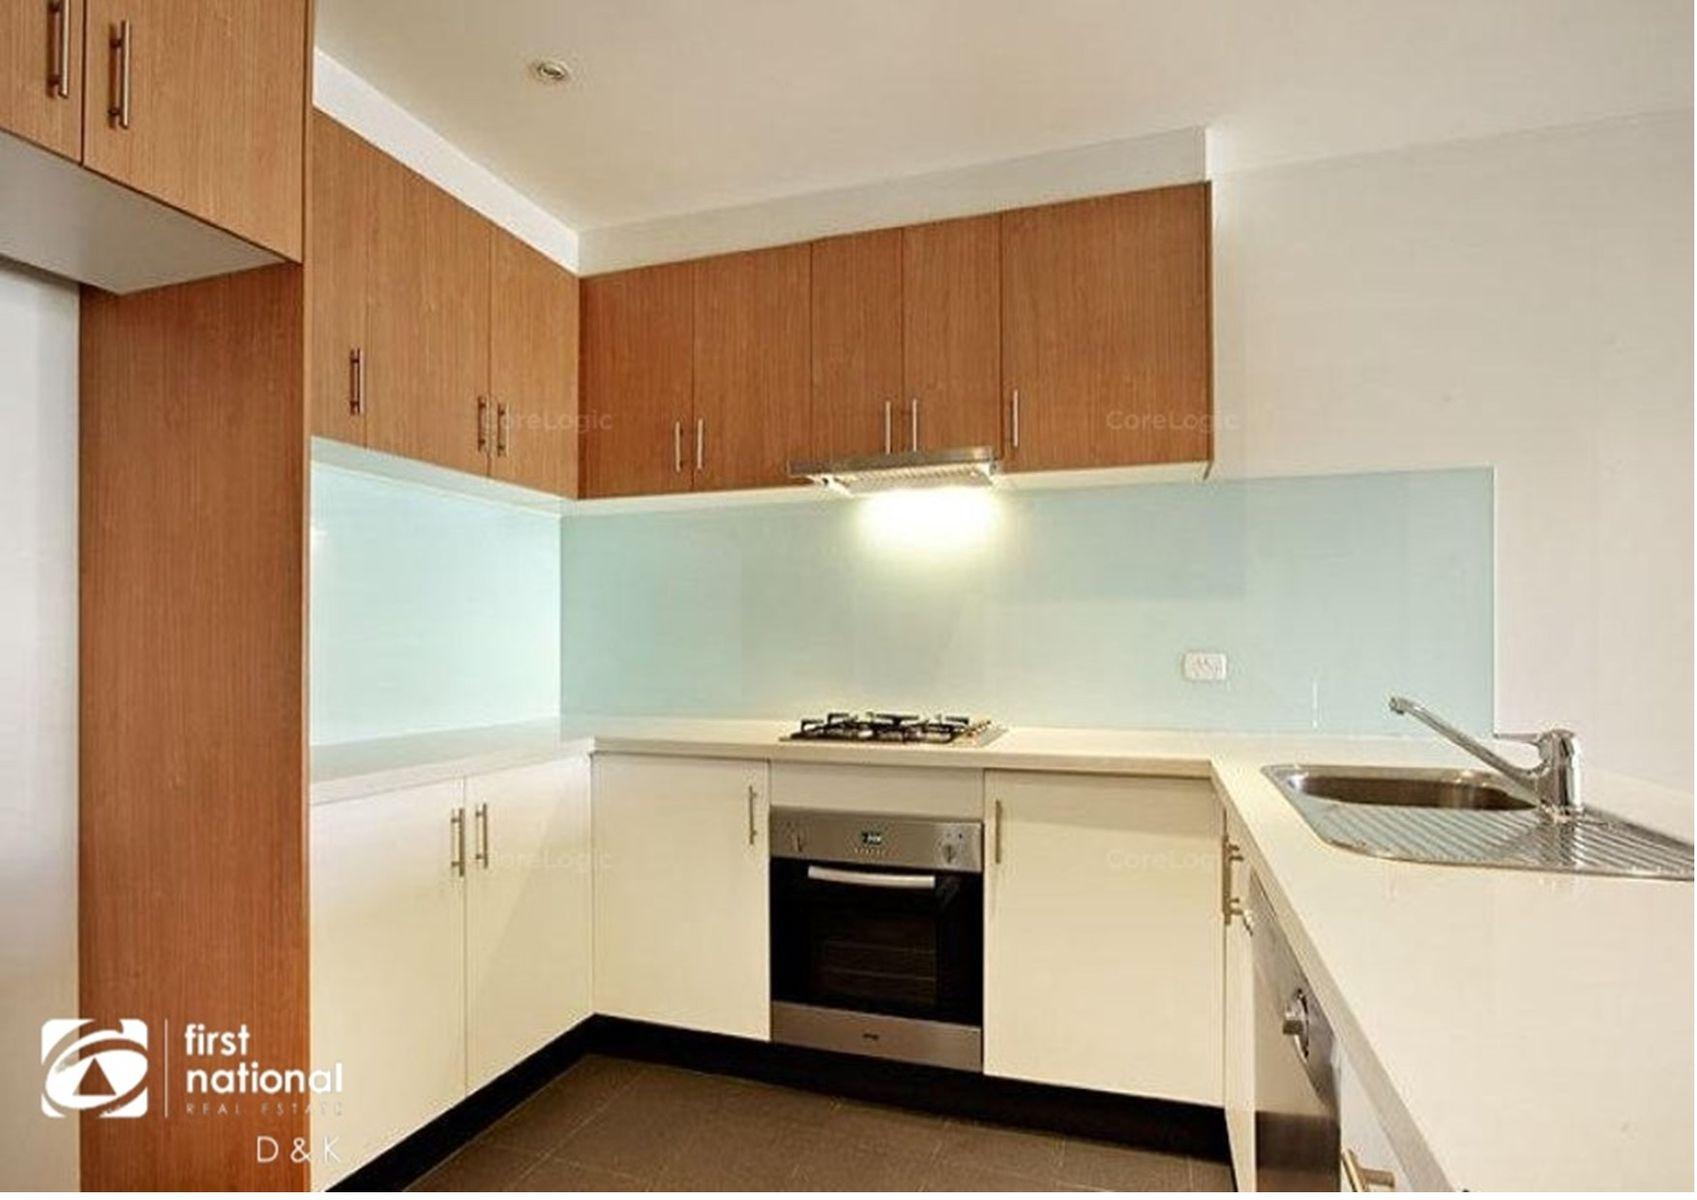 305/250 Barkly Street, Footscray, VIC 3011